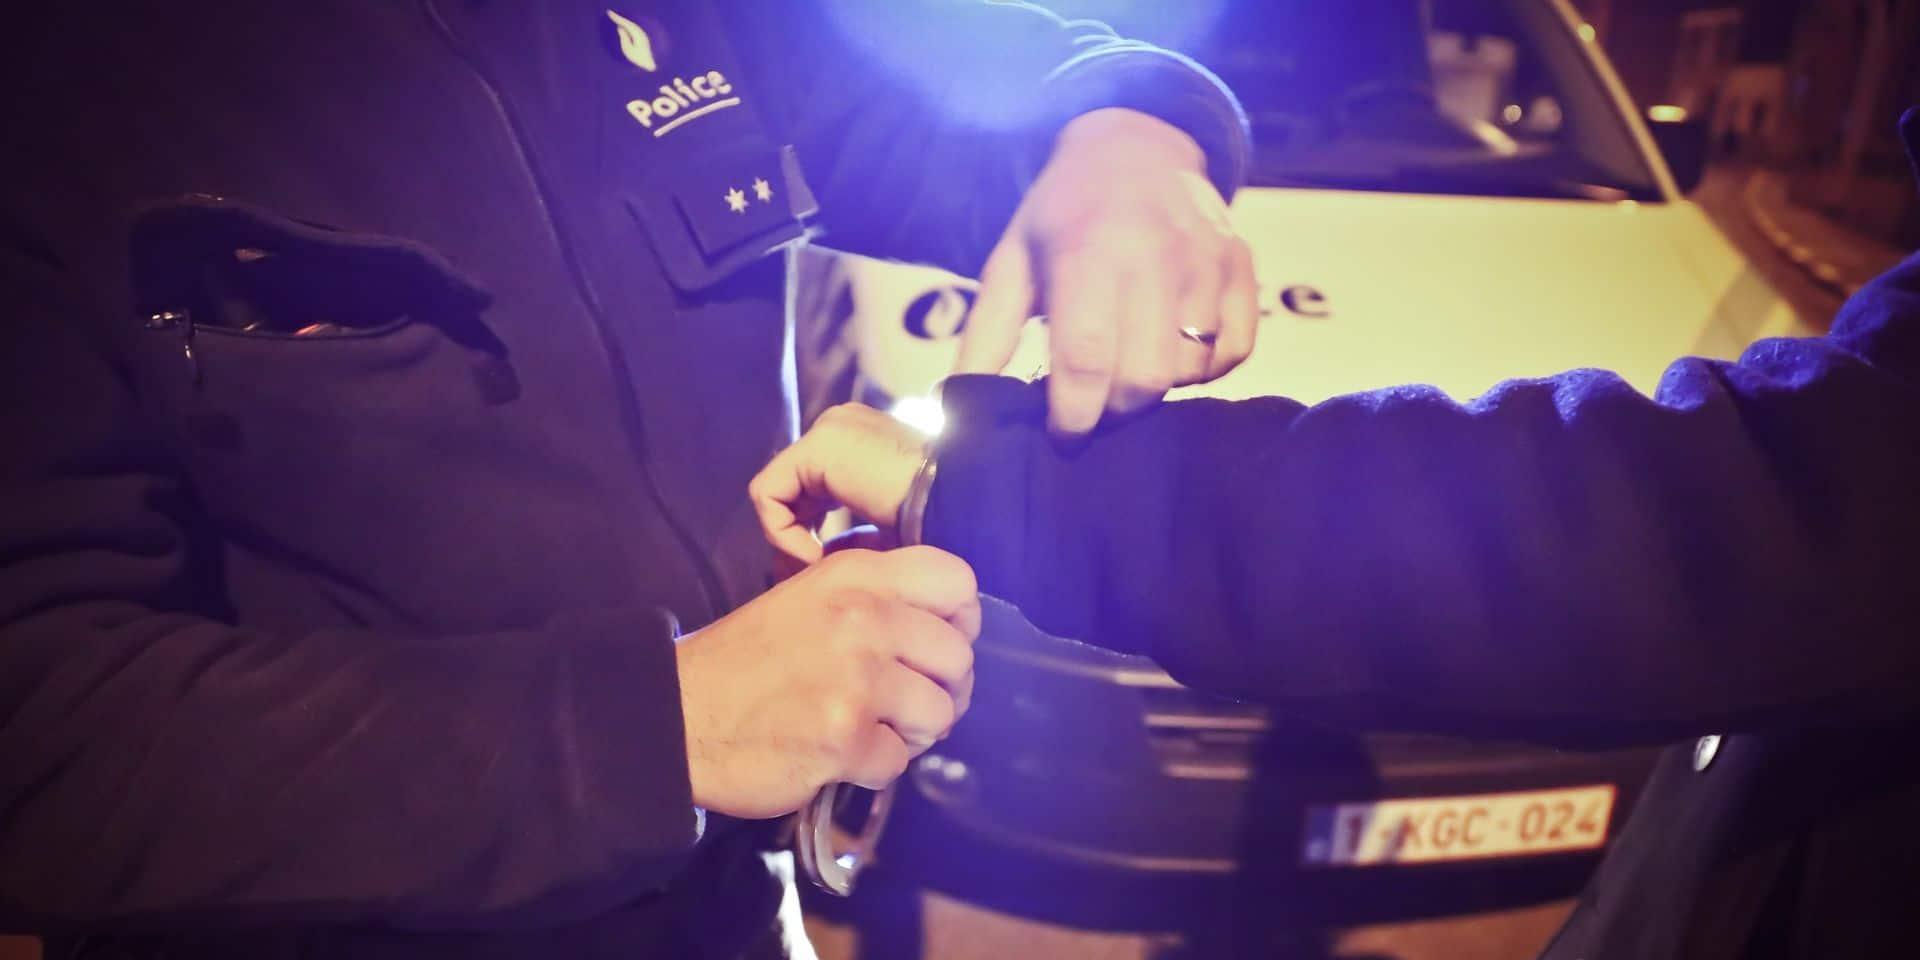 La Louvière: un trafiquant d'armes international interpellé par la police